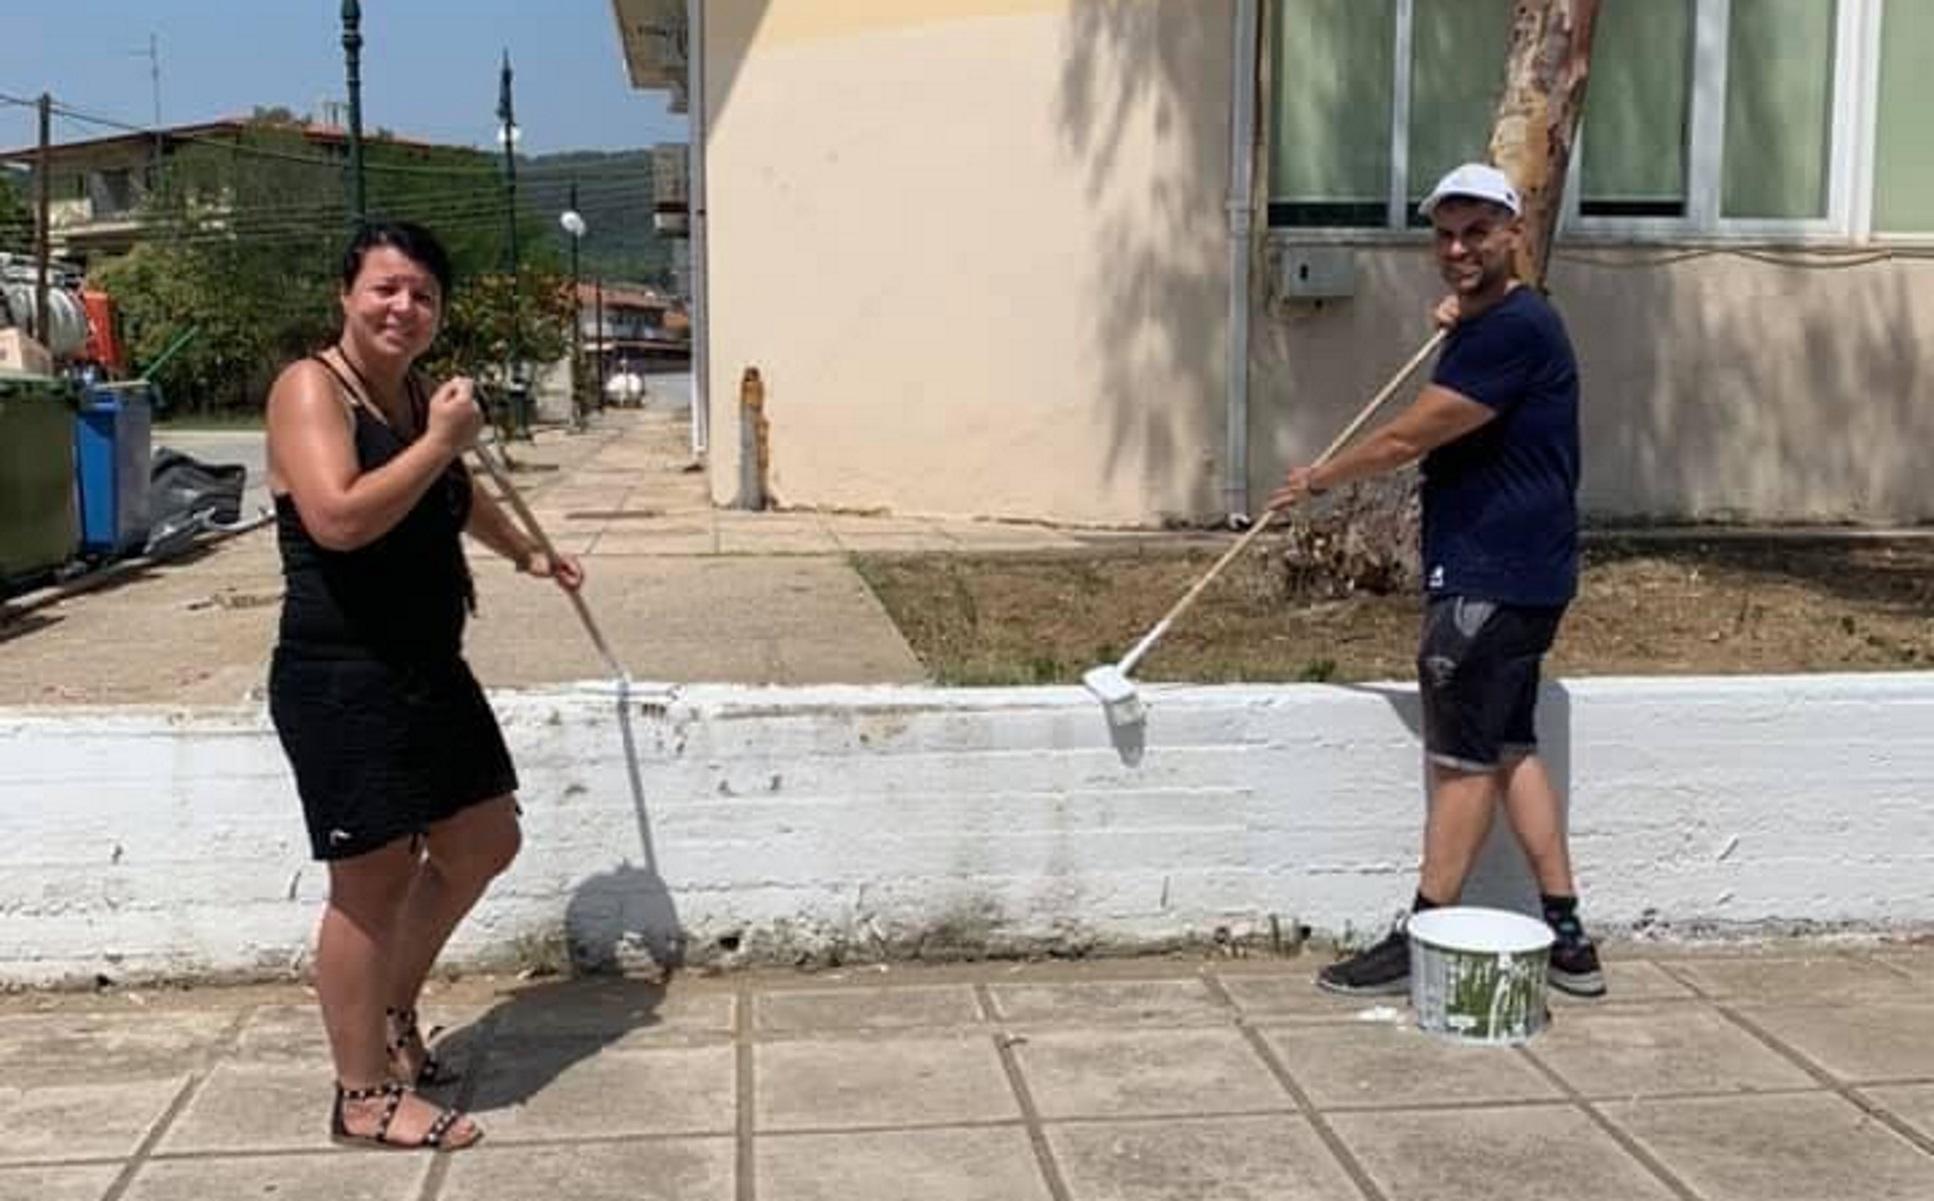 Χαλκιδική: Ευρωπαίοι εθελοντές έκαναν ένα χωριό να «λάμψει» – Βούρτσες, σκούπες και πινέλα